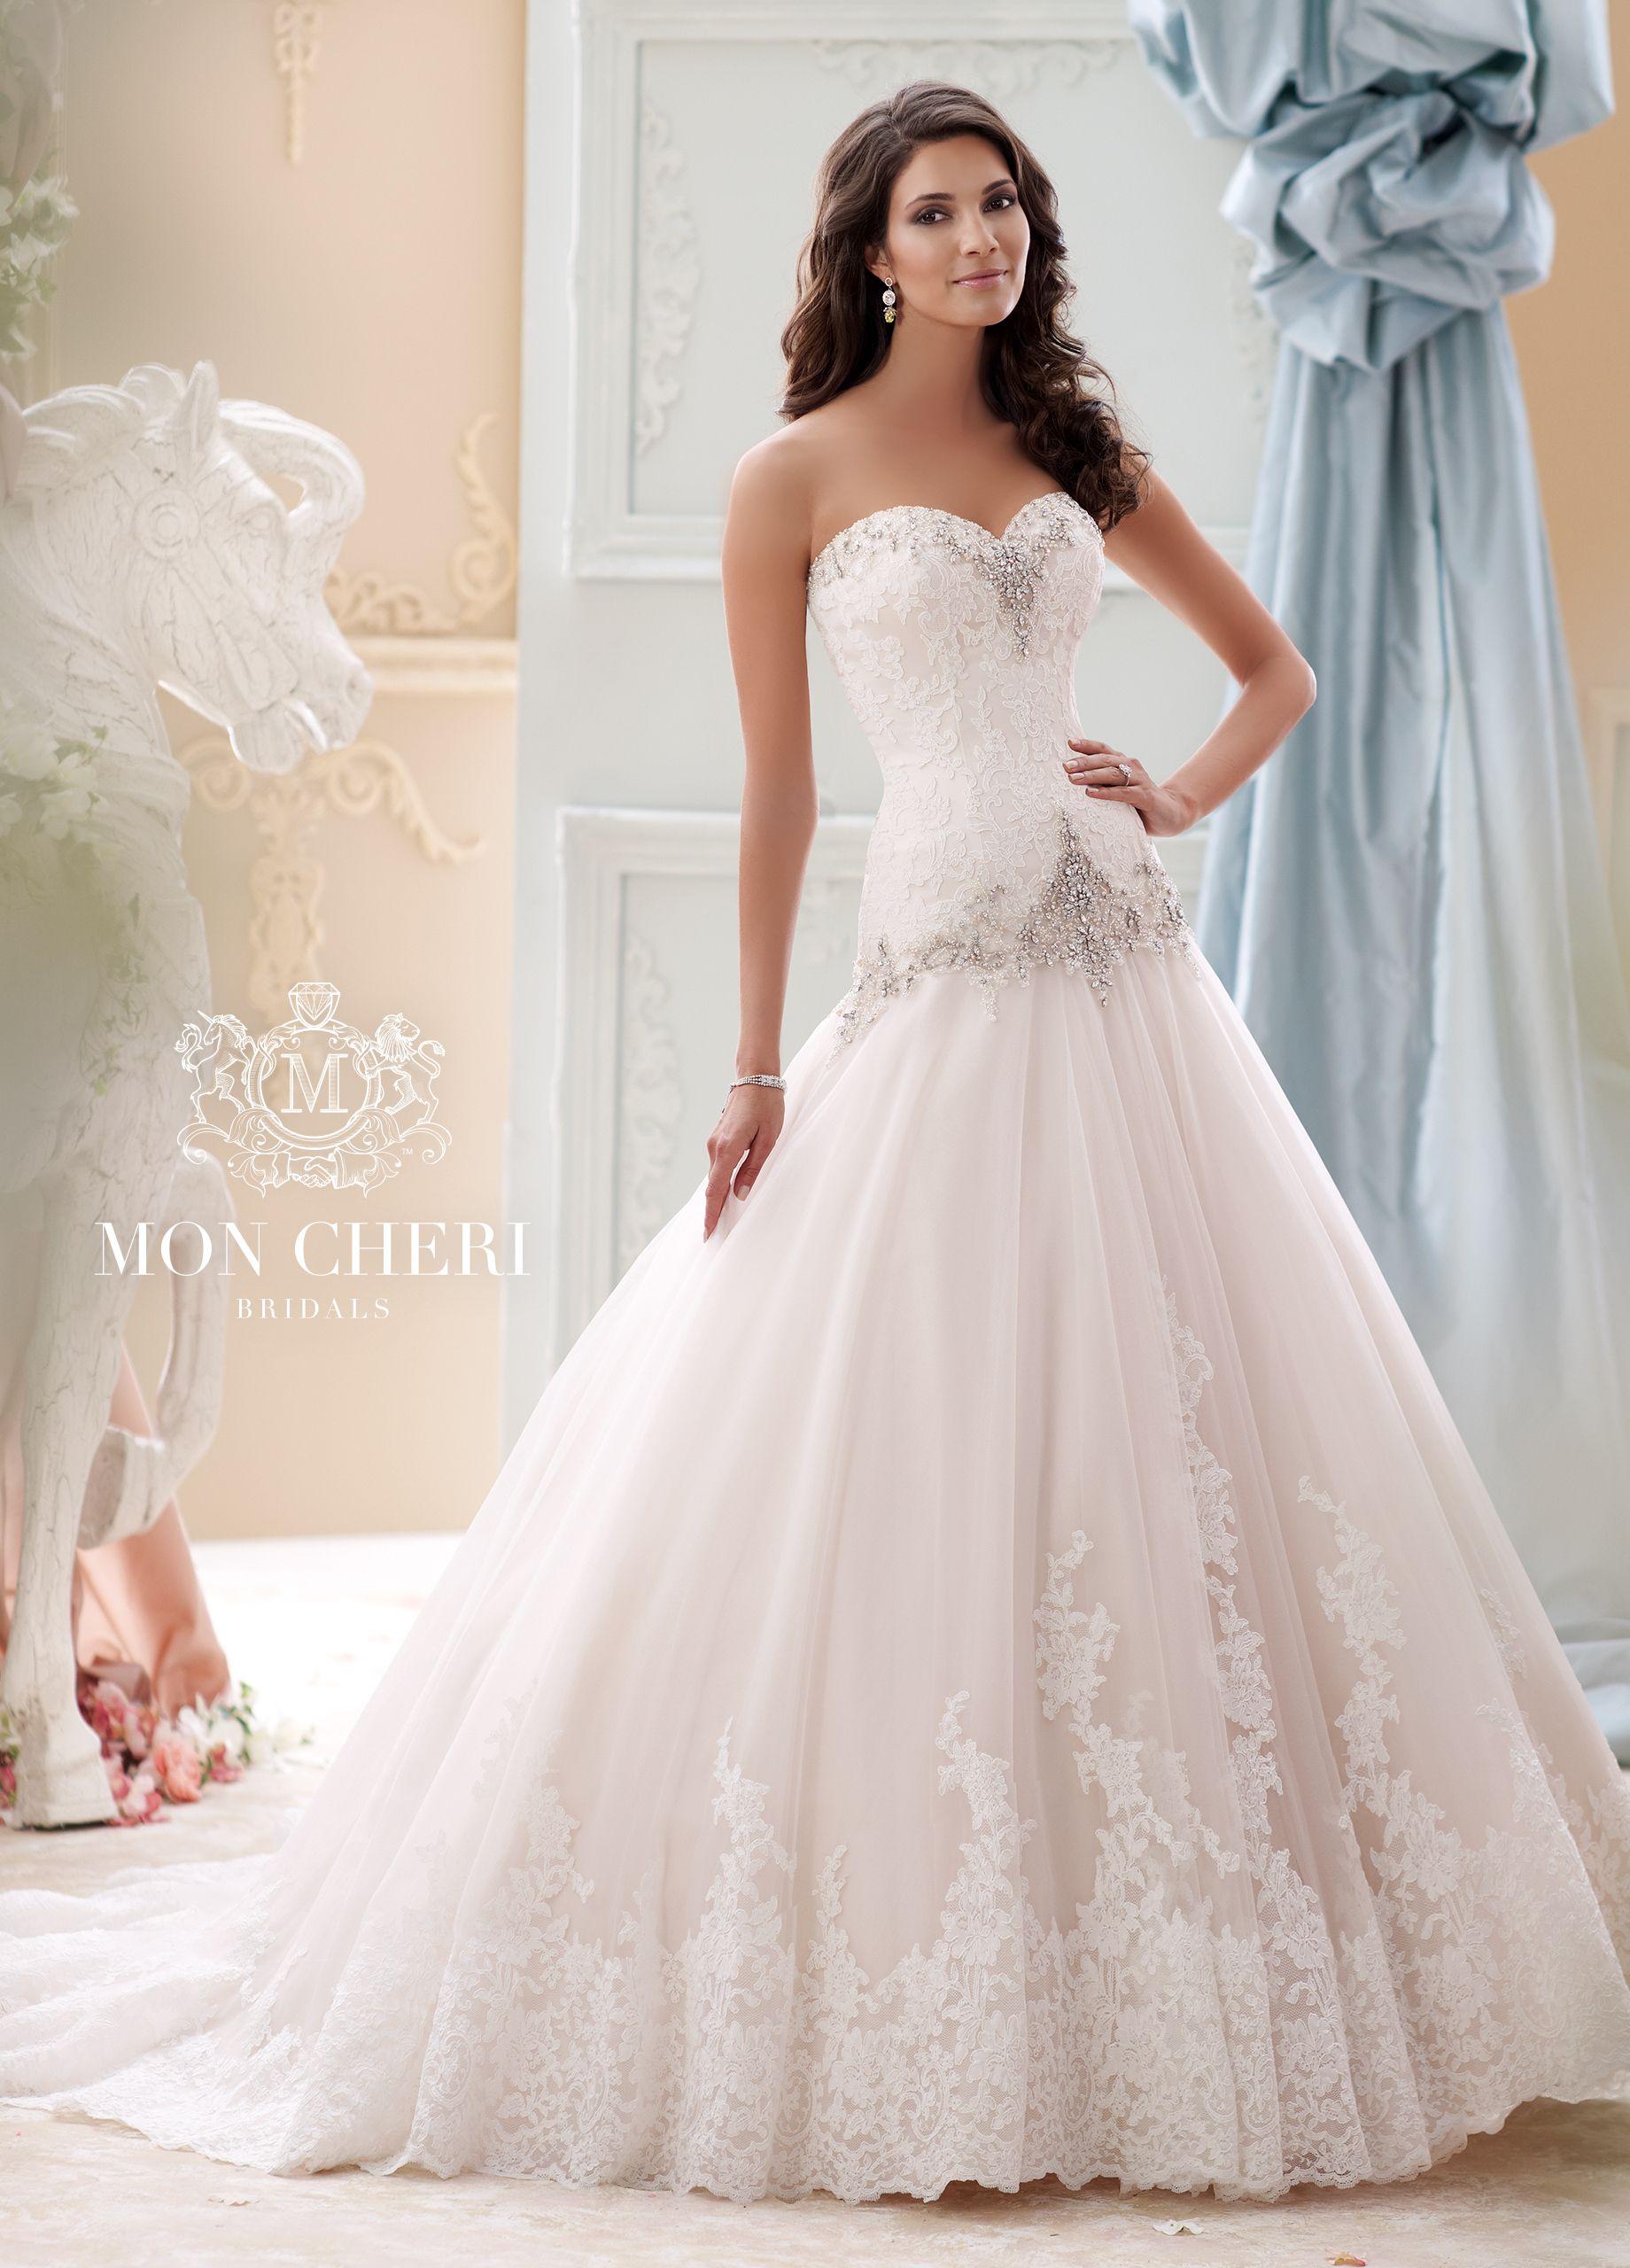 Beaded Dropped-Waist Taffeta Ball Gown Wedding Dress- 115228 Ocean ...